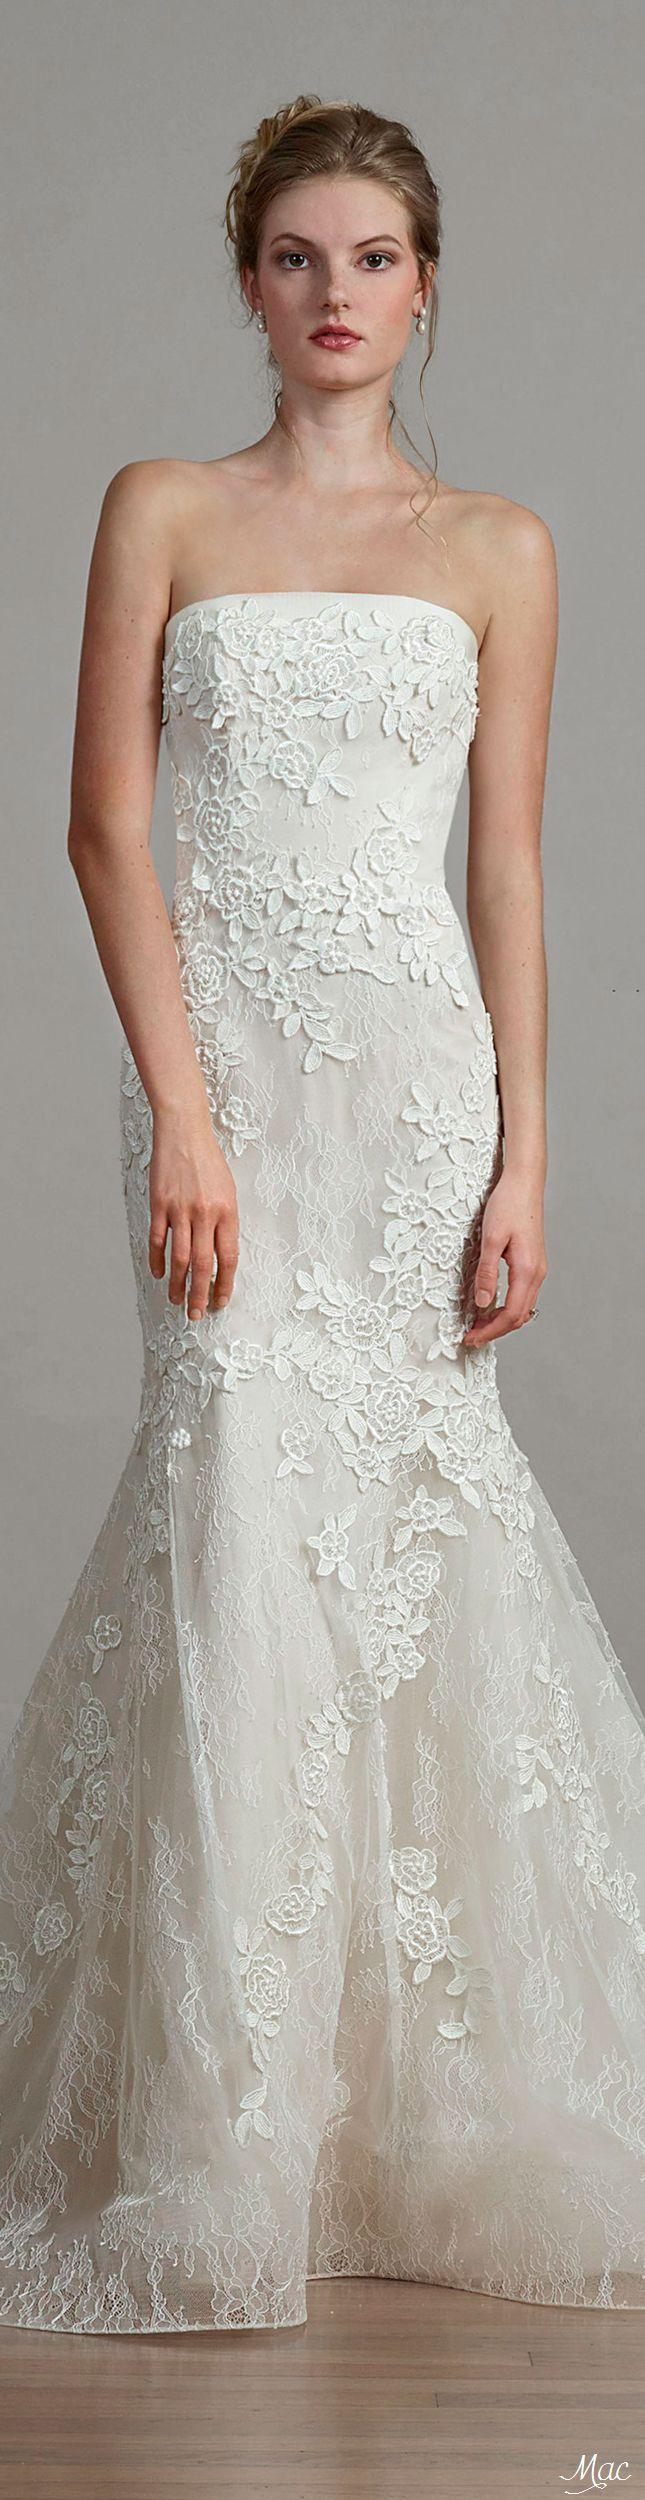 194 best LJM Bridal images on Pinterest | Wedding frocks, Short ...